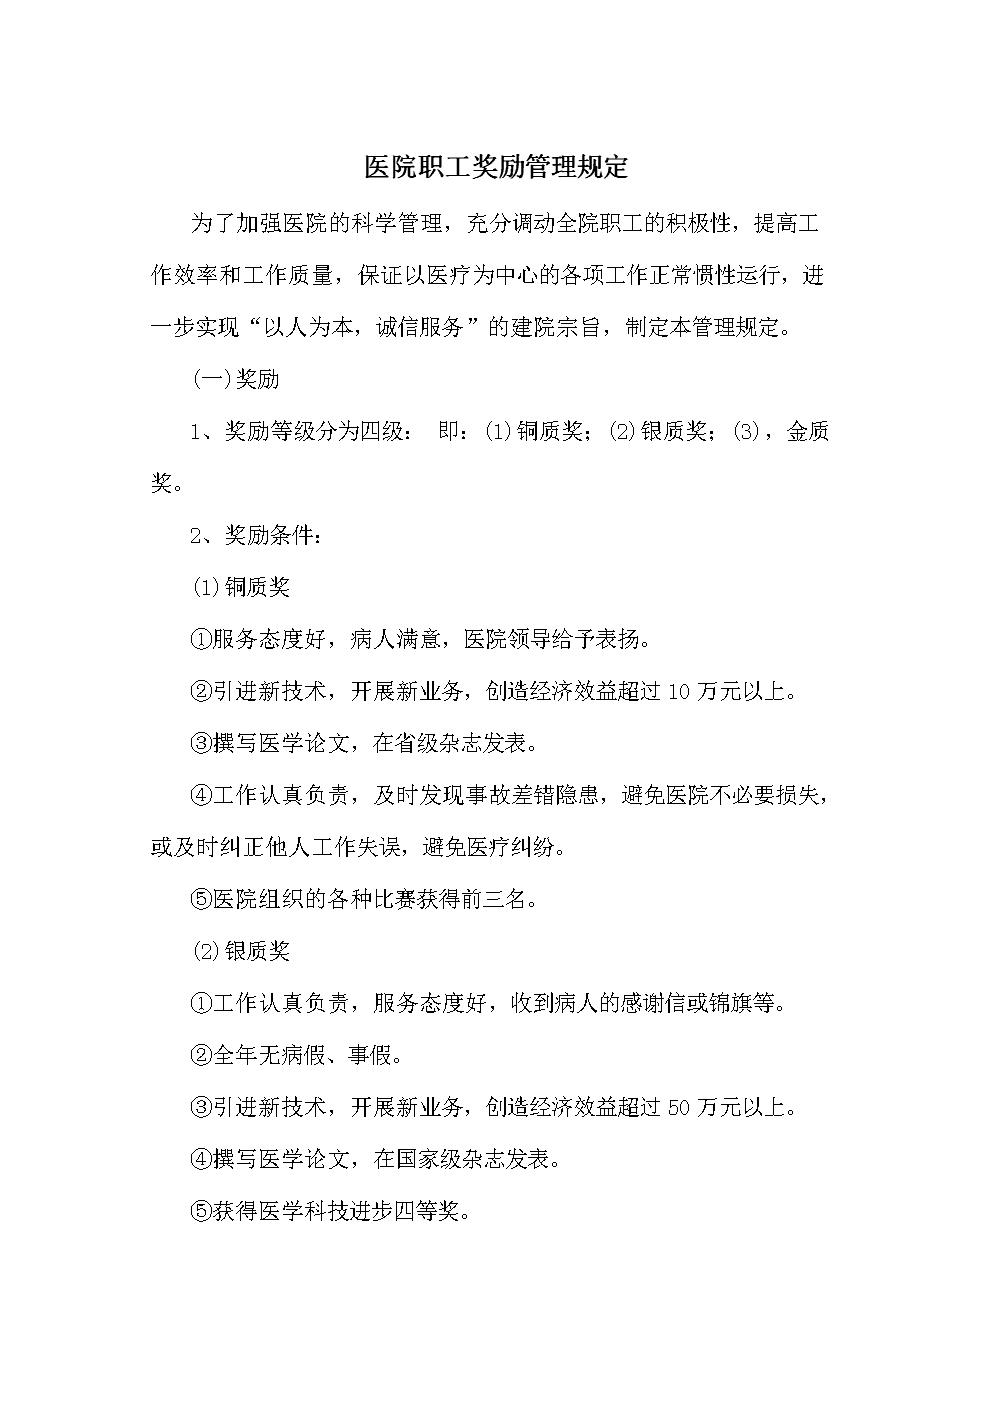 医院职工奖励管理规定.docx